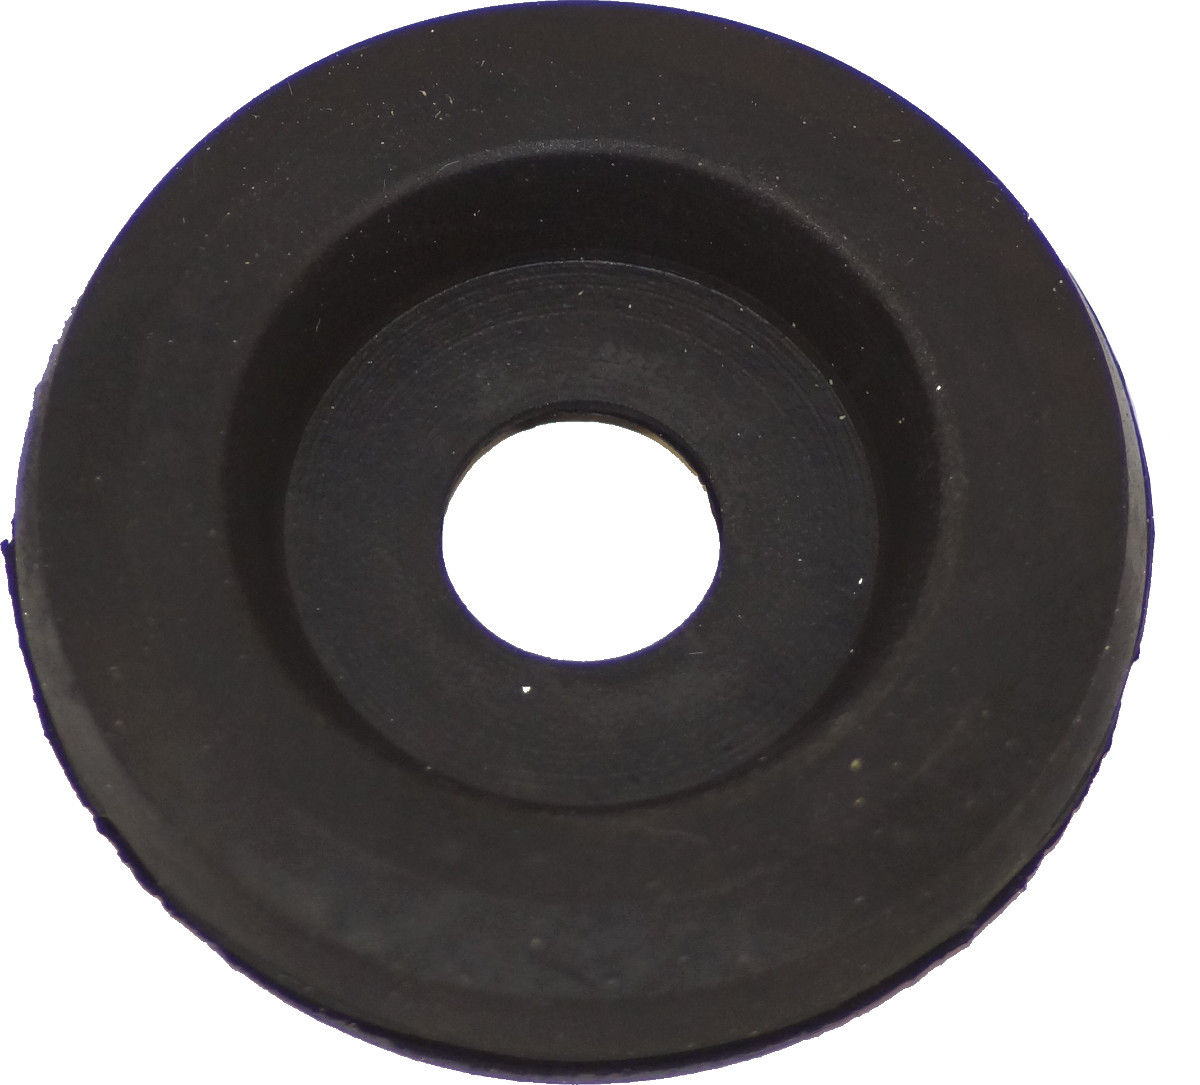 Splitter nya Genomföring gummi med hål Ø 32mm #8001353 | Produkter för OV-51